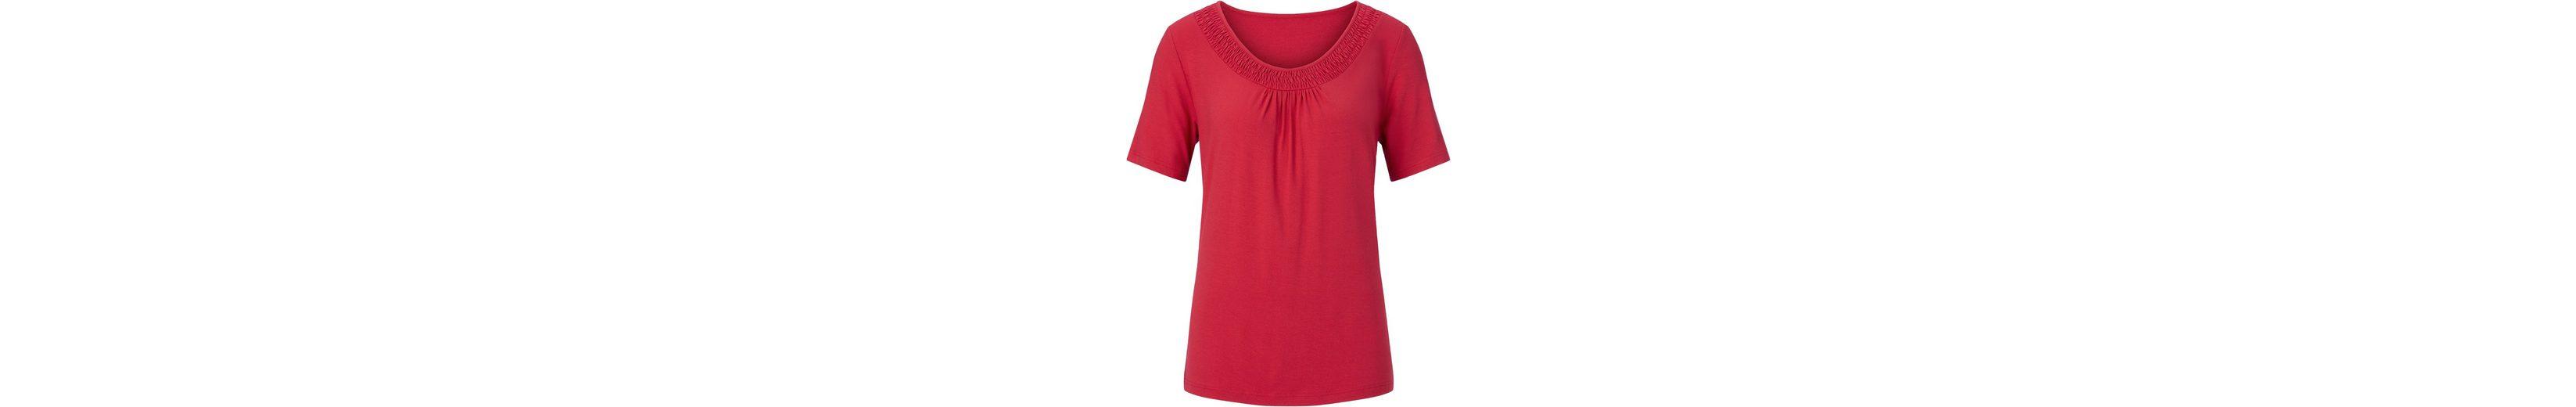 Alessa W. Shirt mit Smok-Bordüre Freies Verschiffen Browse Billig Verkauf Aus Deutschland Ud4IG